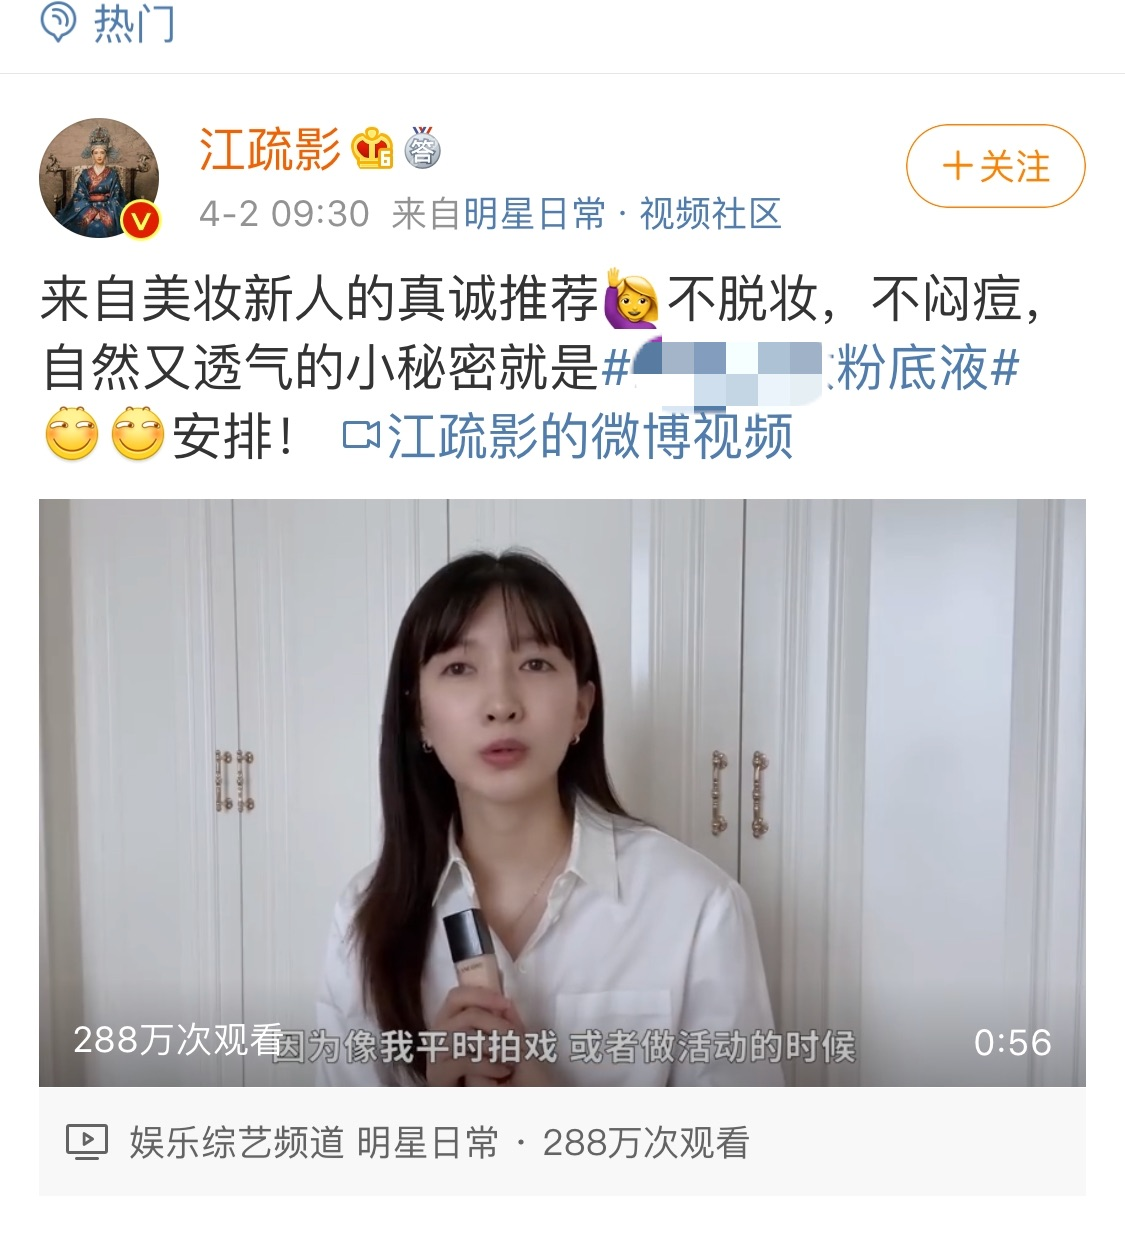 江疏影拍Vlog种草视频,网友:我是在做梦吗?